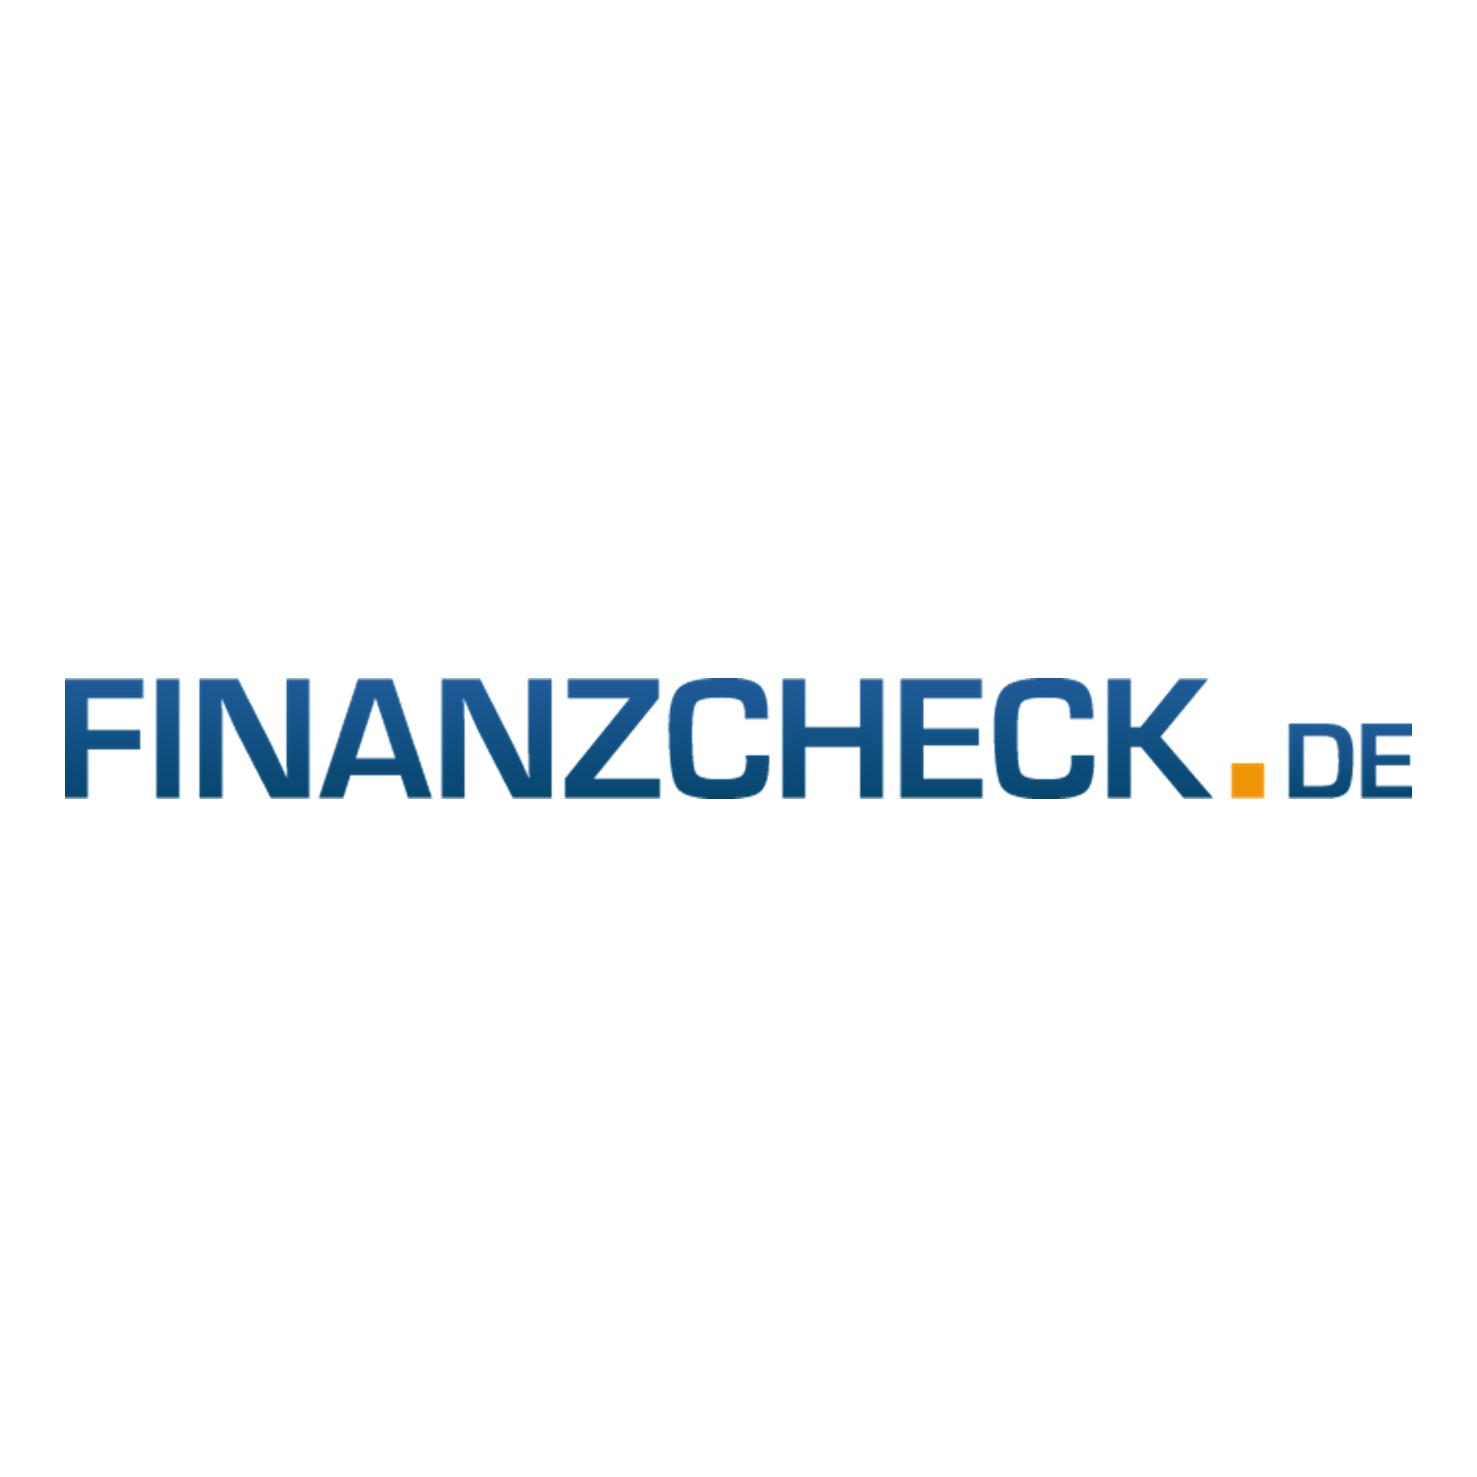 Finanzcheck